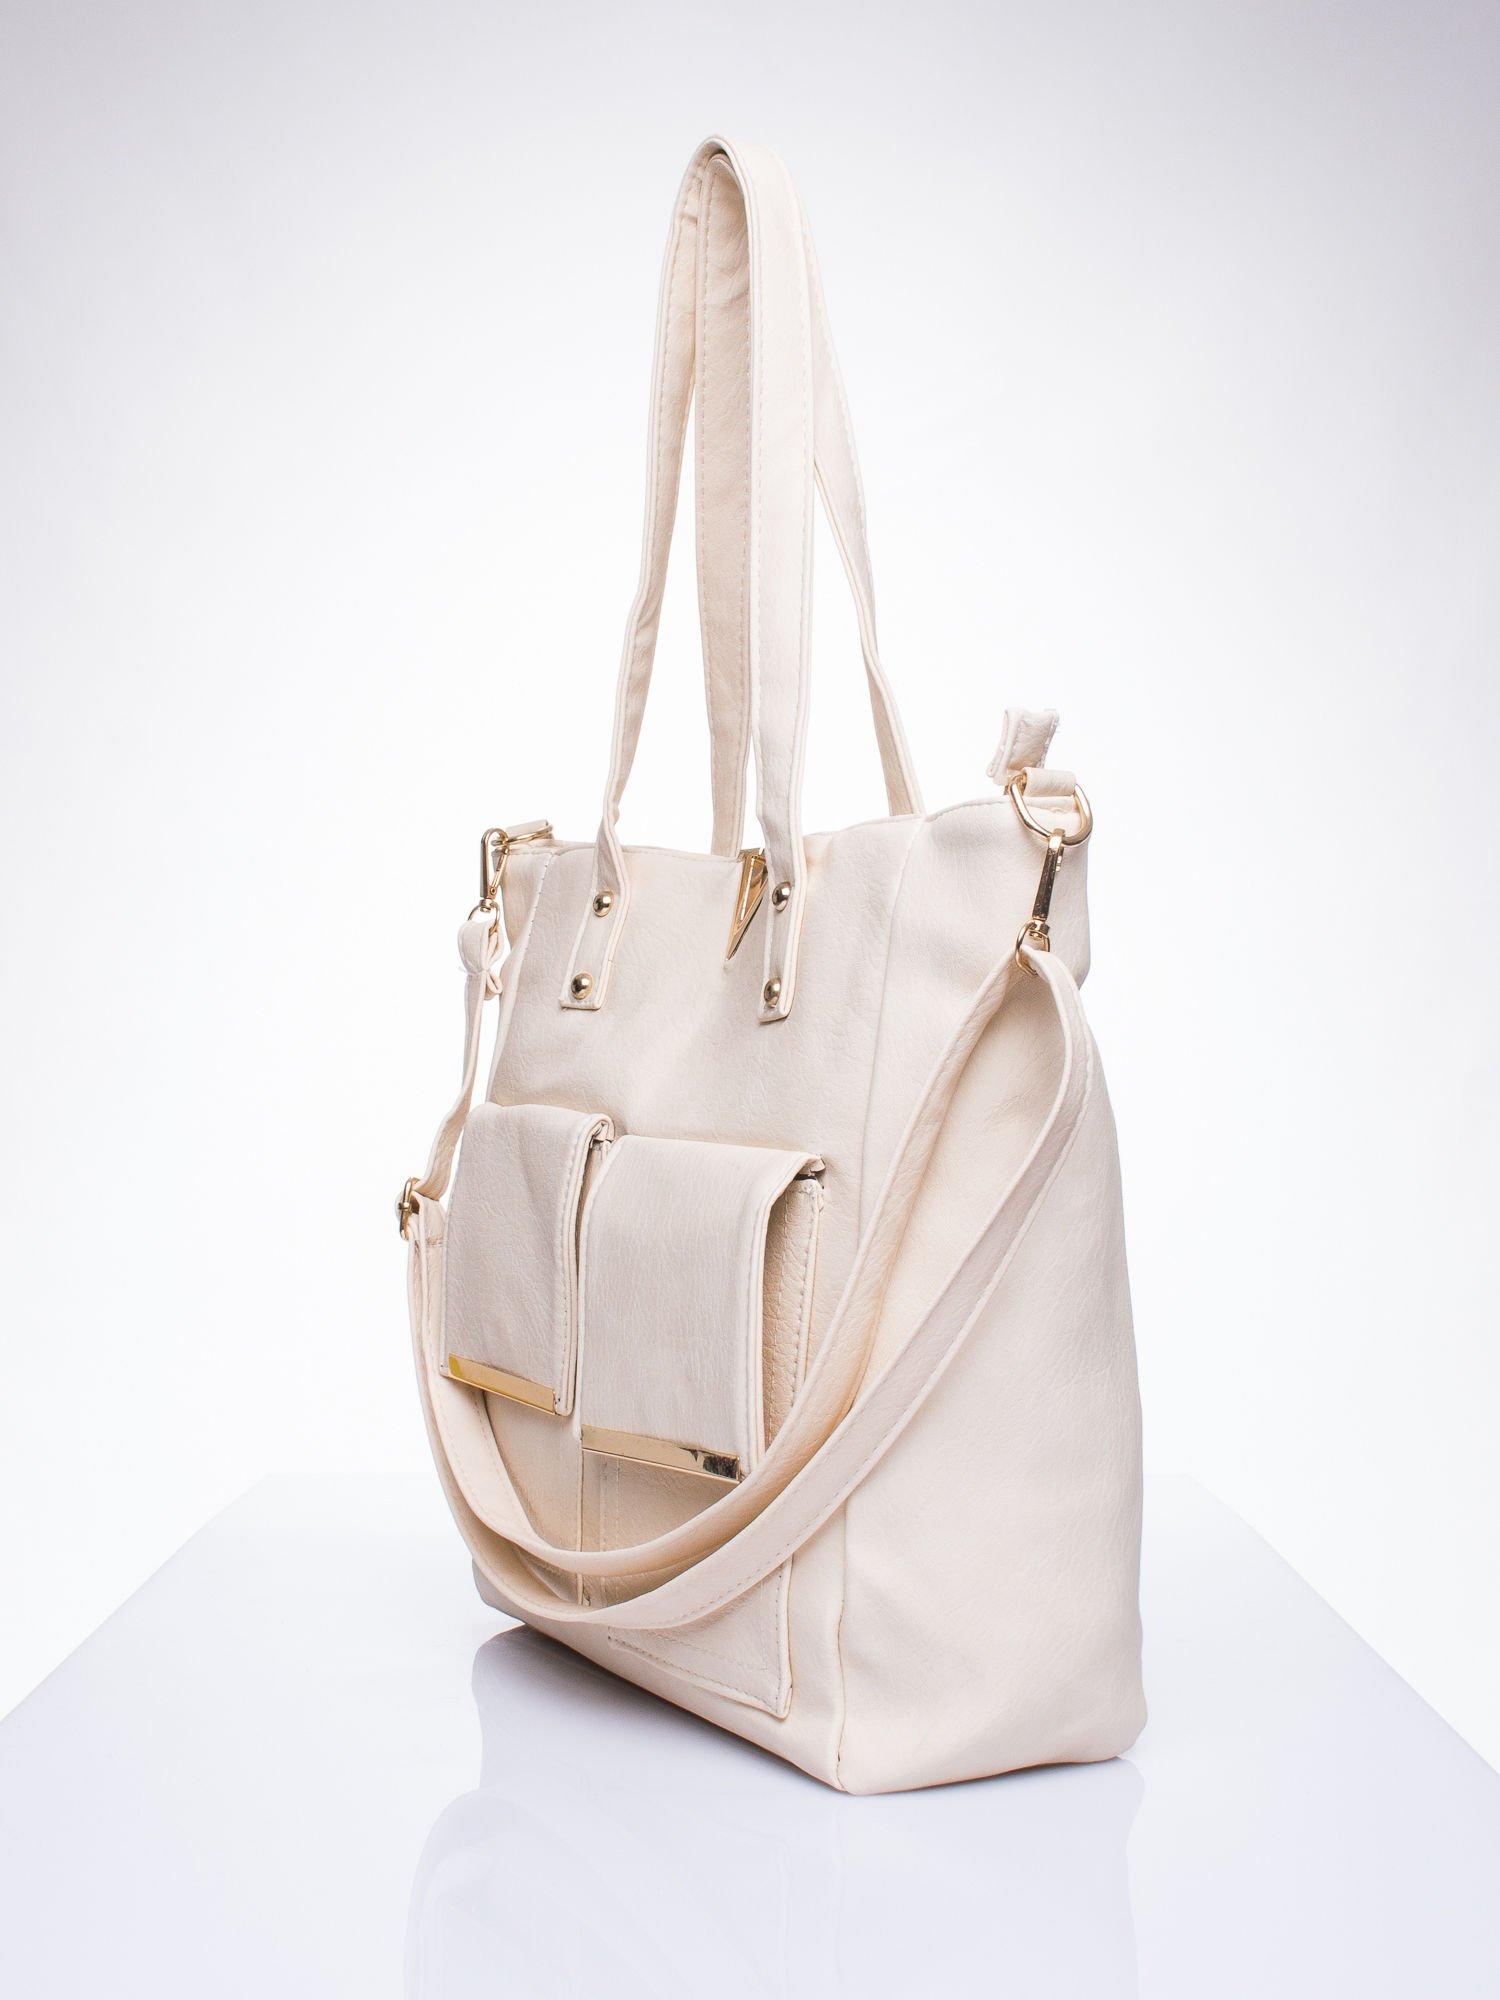 Kremowa torba shopper bag ze kieszeniami na klapki                                  zdj.                                  2